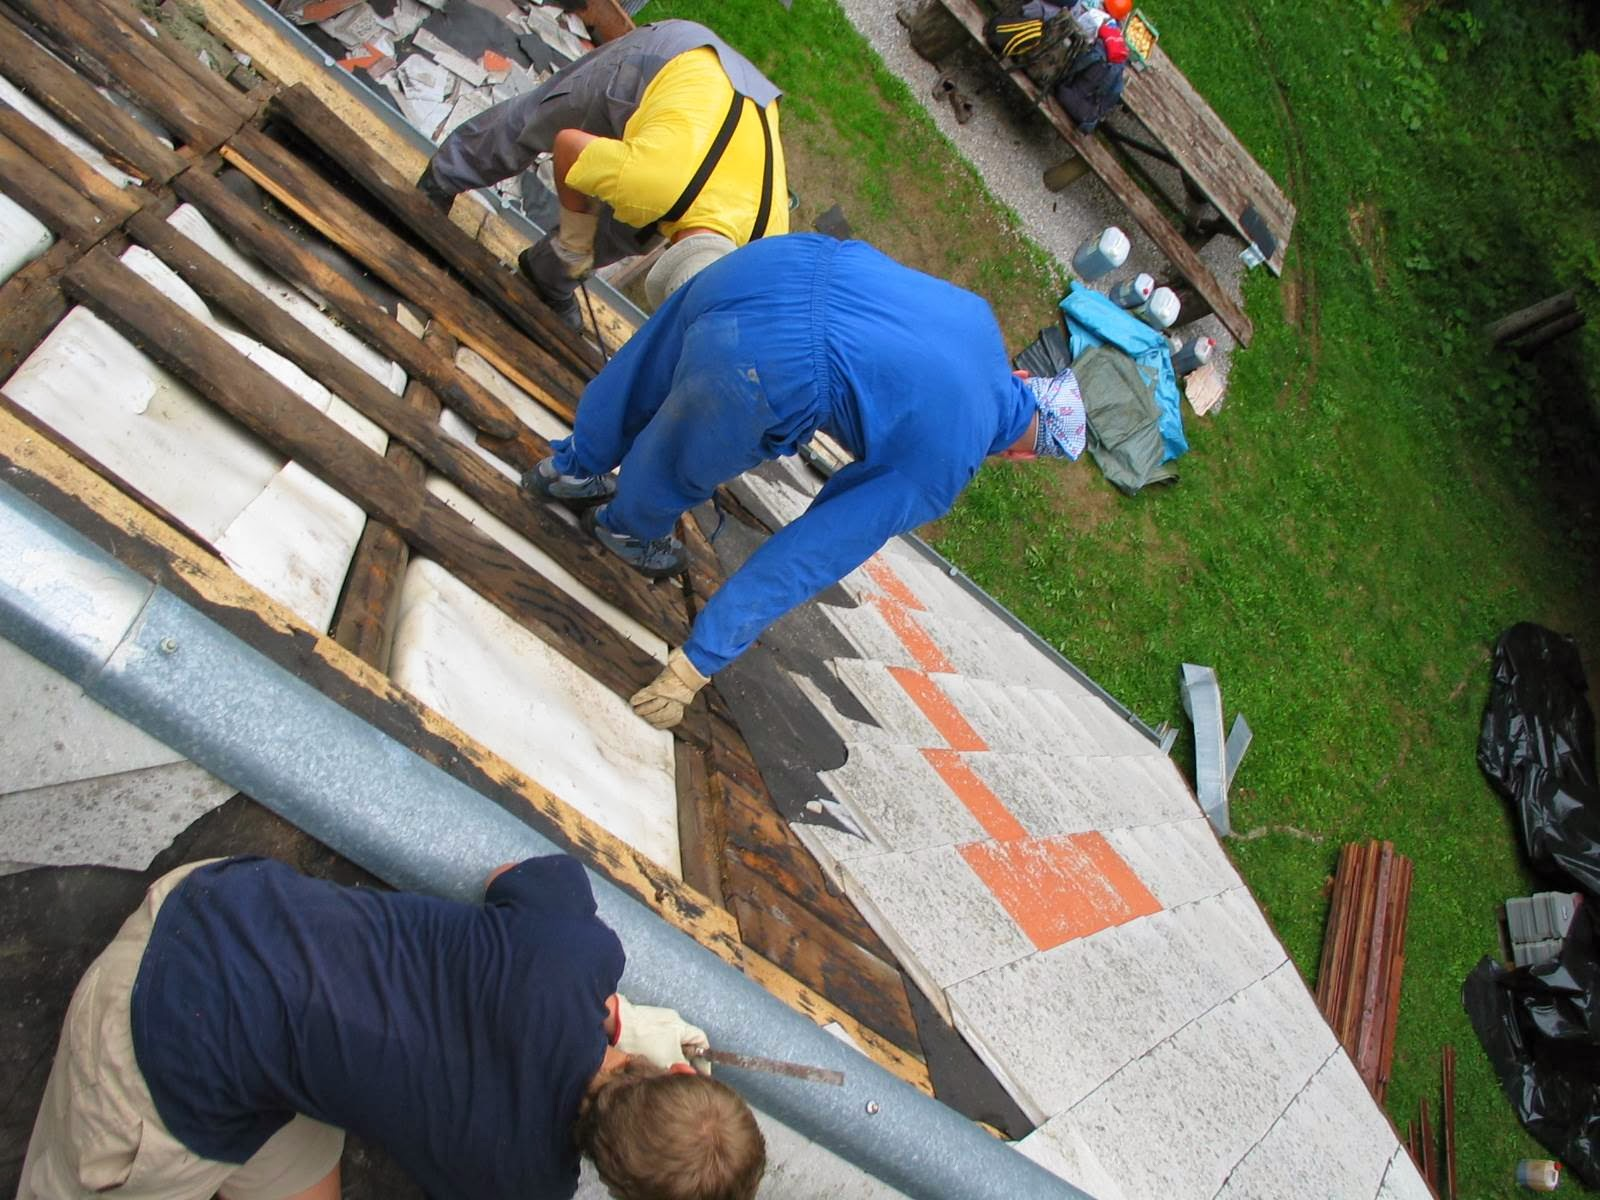 Delovna akcija - Streha, Črni dol 2006 - streha%2B050.jpg